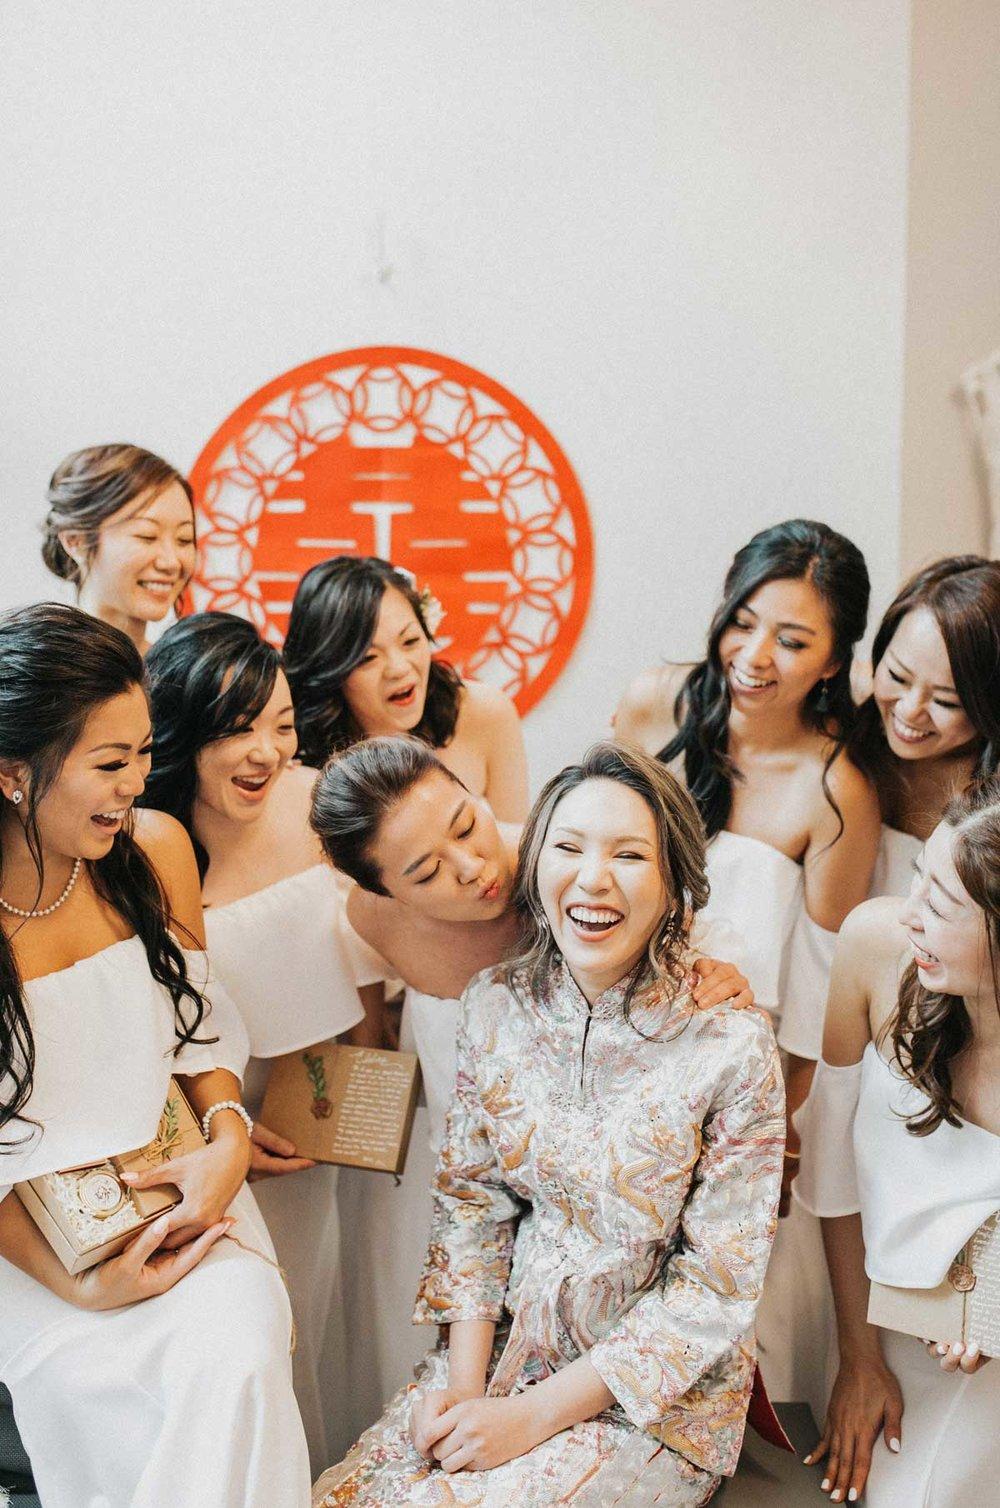 dloveaffair_bride_bridesmaids_happy.jpg